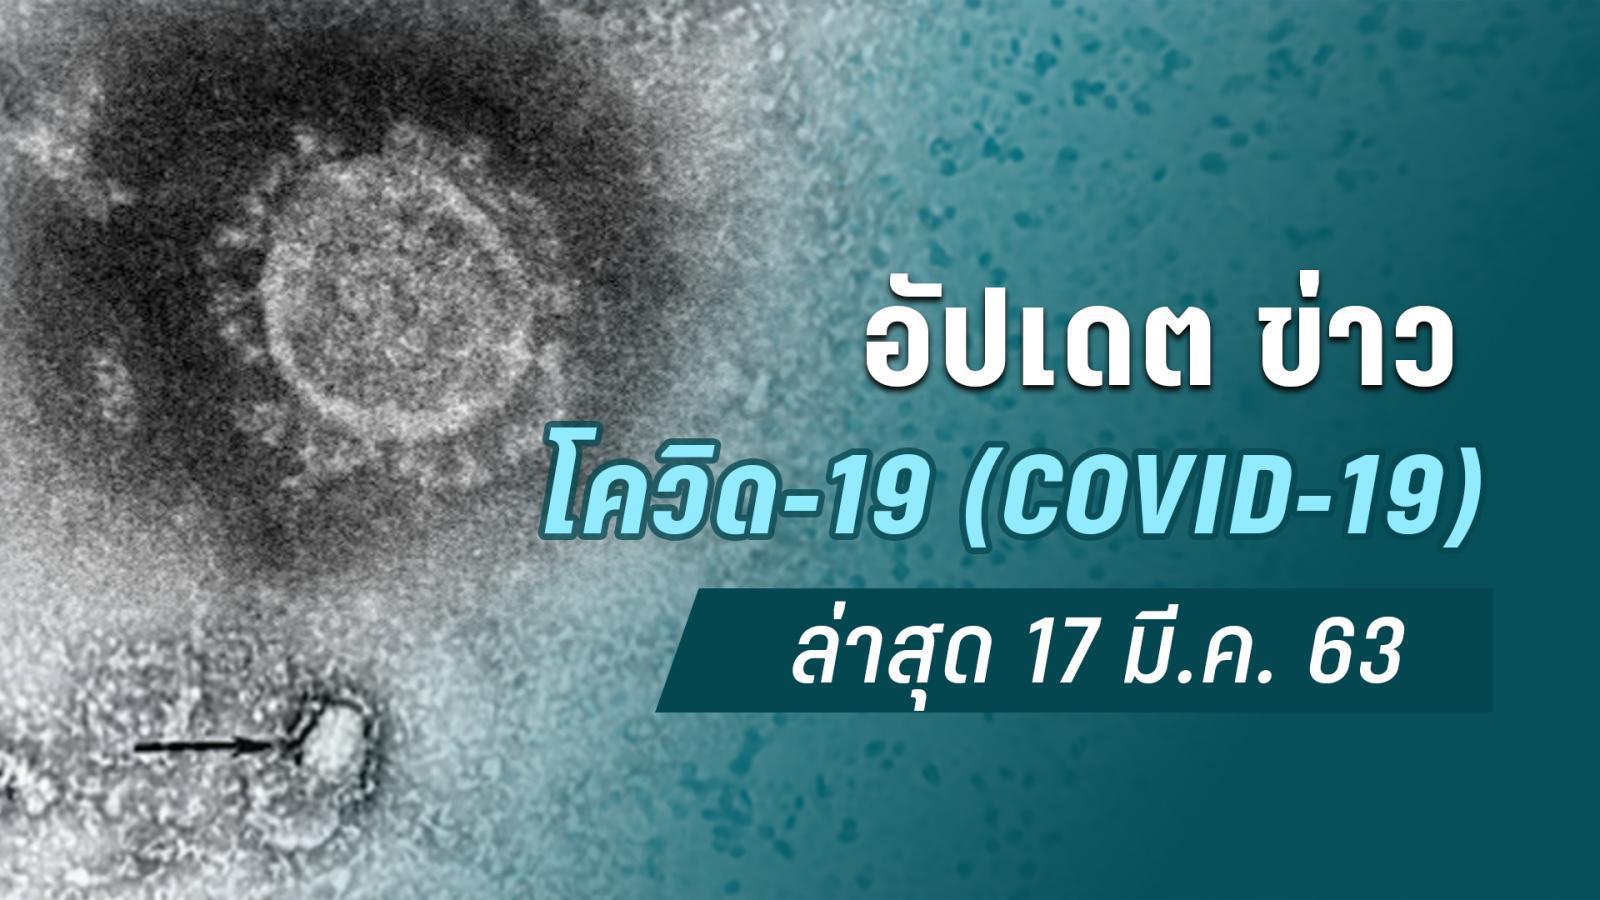 อัปเดตข่าวโควิด-19 (COVID-19) ล่าสุด 17 มี.ค. 63